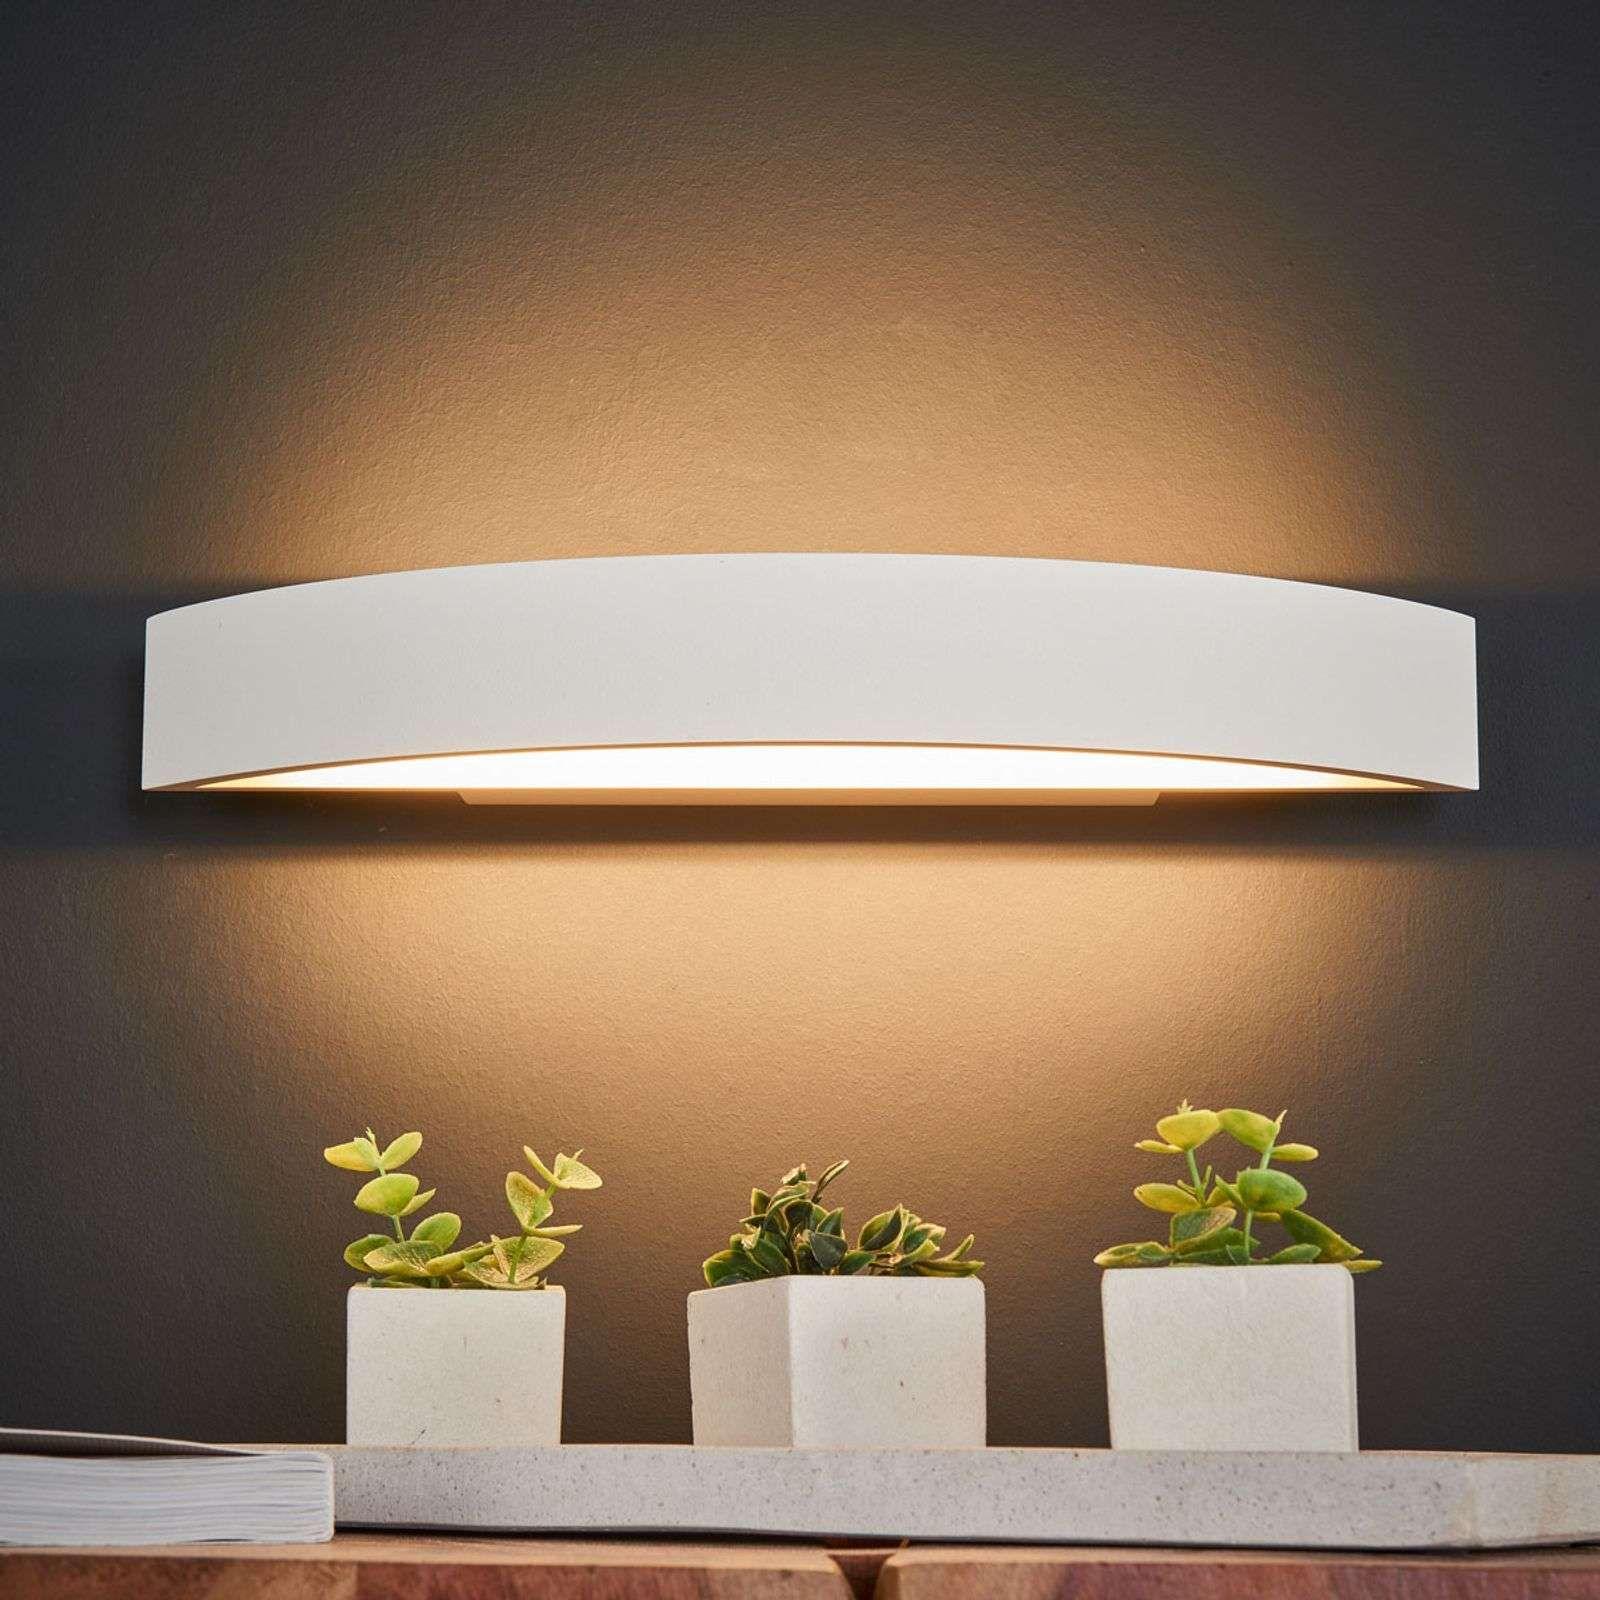 Applique A Led Con Luce Bidirezionale 37 5 Cm Lampe De Chevet Tactile Applique Murale Led Luminaire